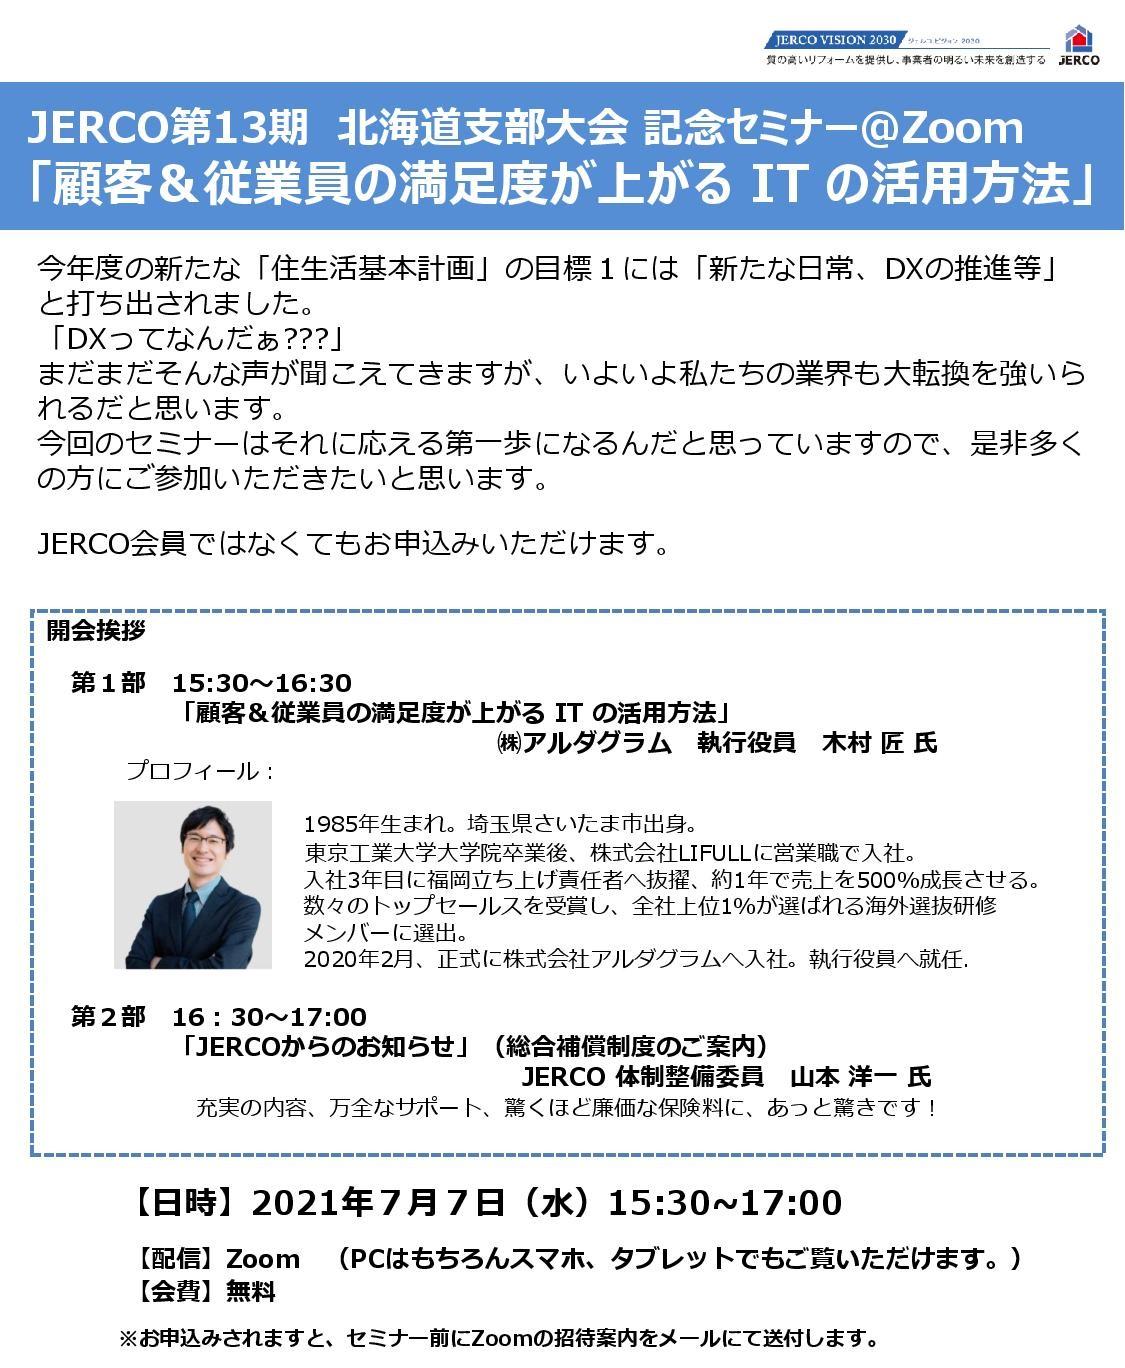 北海道 支部大会 オープンセミナーのご案内